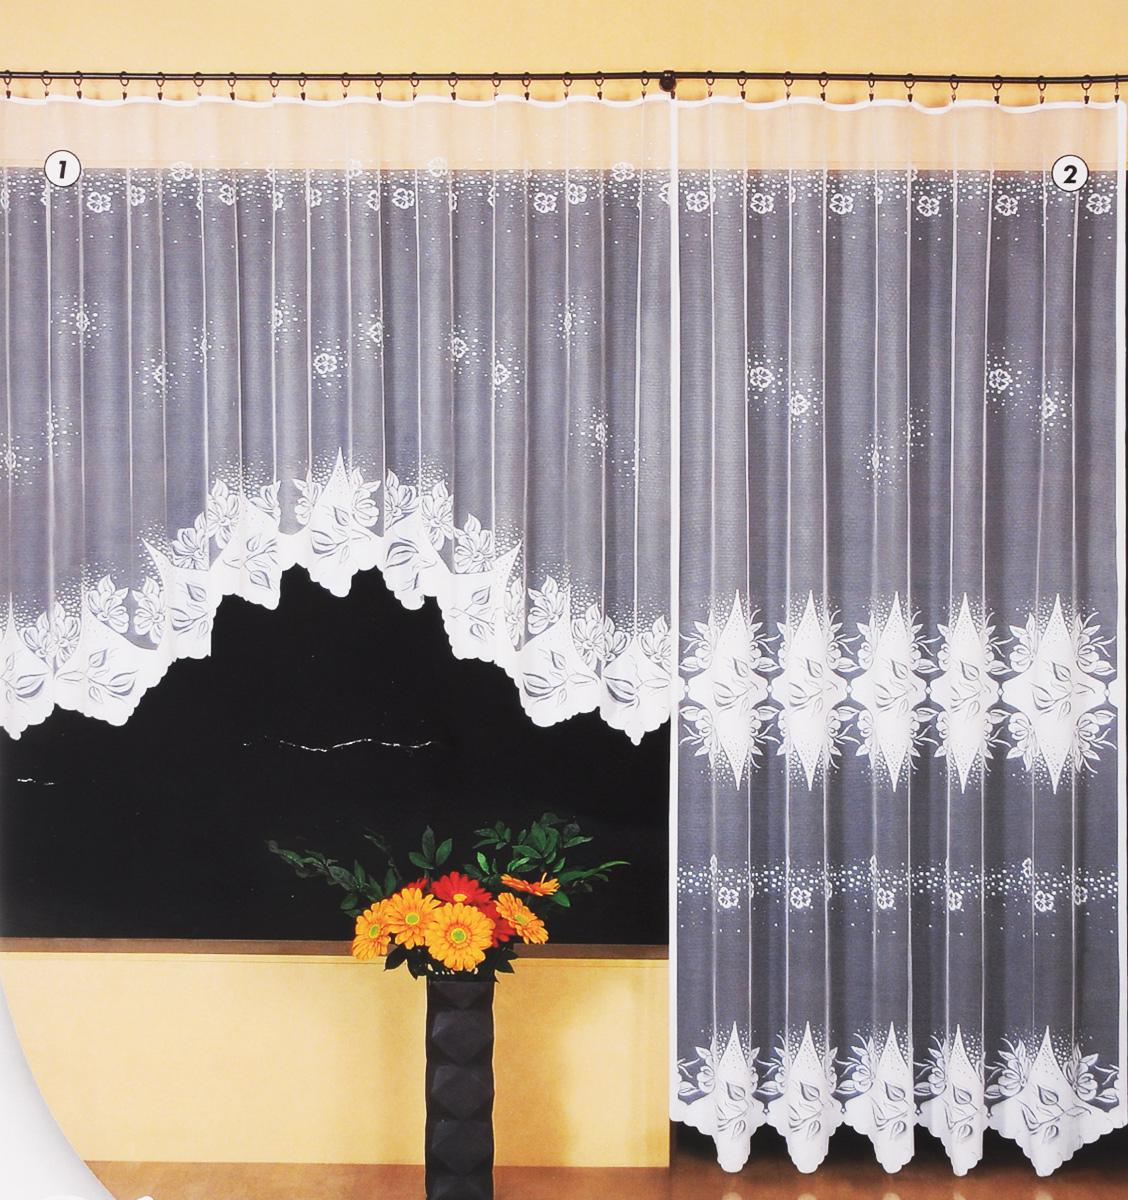 Гардина Wisan Katarzyna, цвет: белый, высота 250 см. 94829482Гардина Wisan Katarzyna, изготовленная из полиэстера, станет великолепным украшением любого окна. Изделие, оформленное цветочным рисунком, привлечет к себе внимание и органично впишется в интерьер комнаты. Оригинальное оформление гардины внесет разнообразие и подарит заряд положительного настроения. Гардина крепится при помощи зажимов для штор (не входят в комплект).